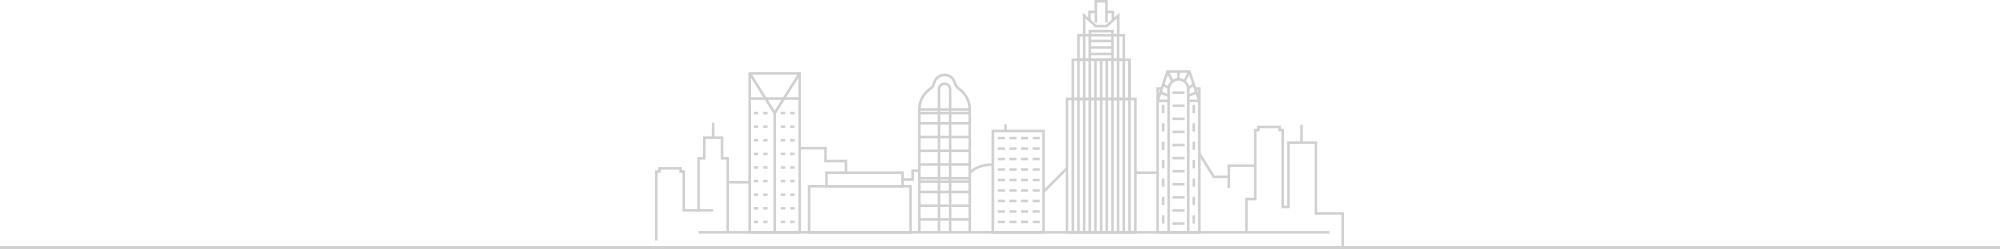 keyline of city